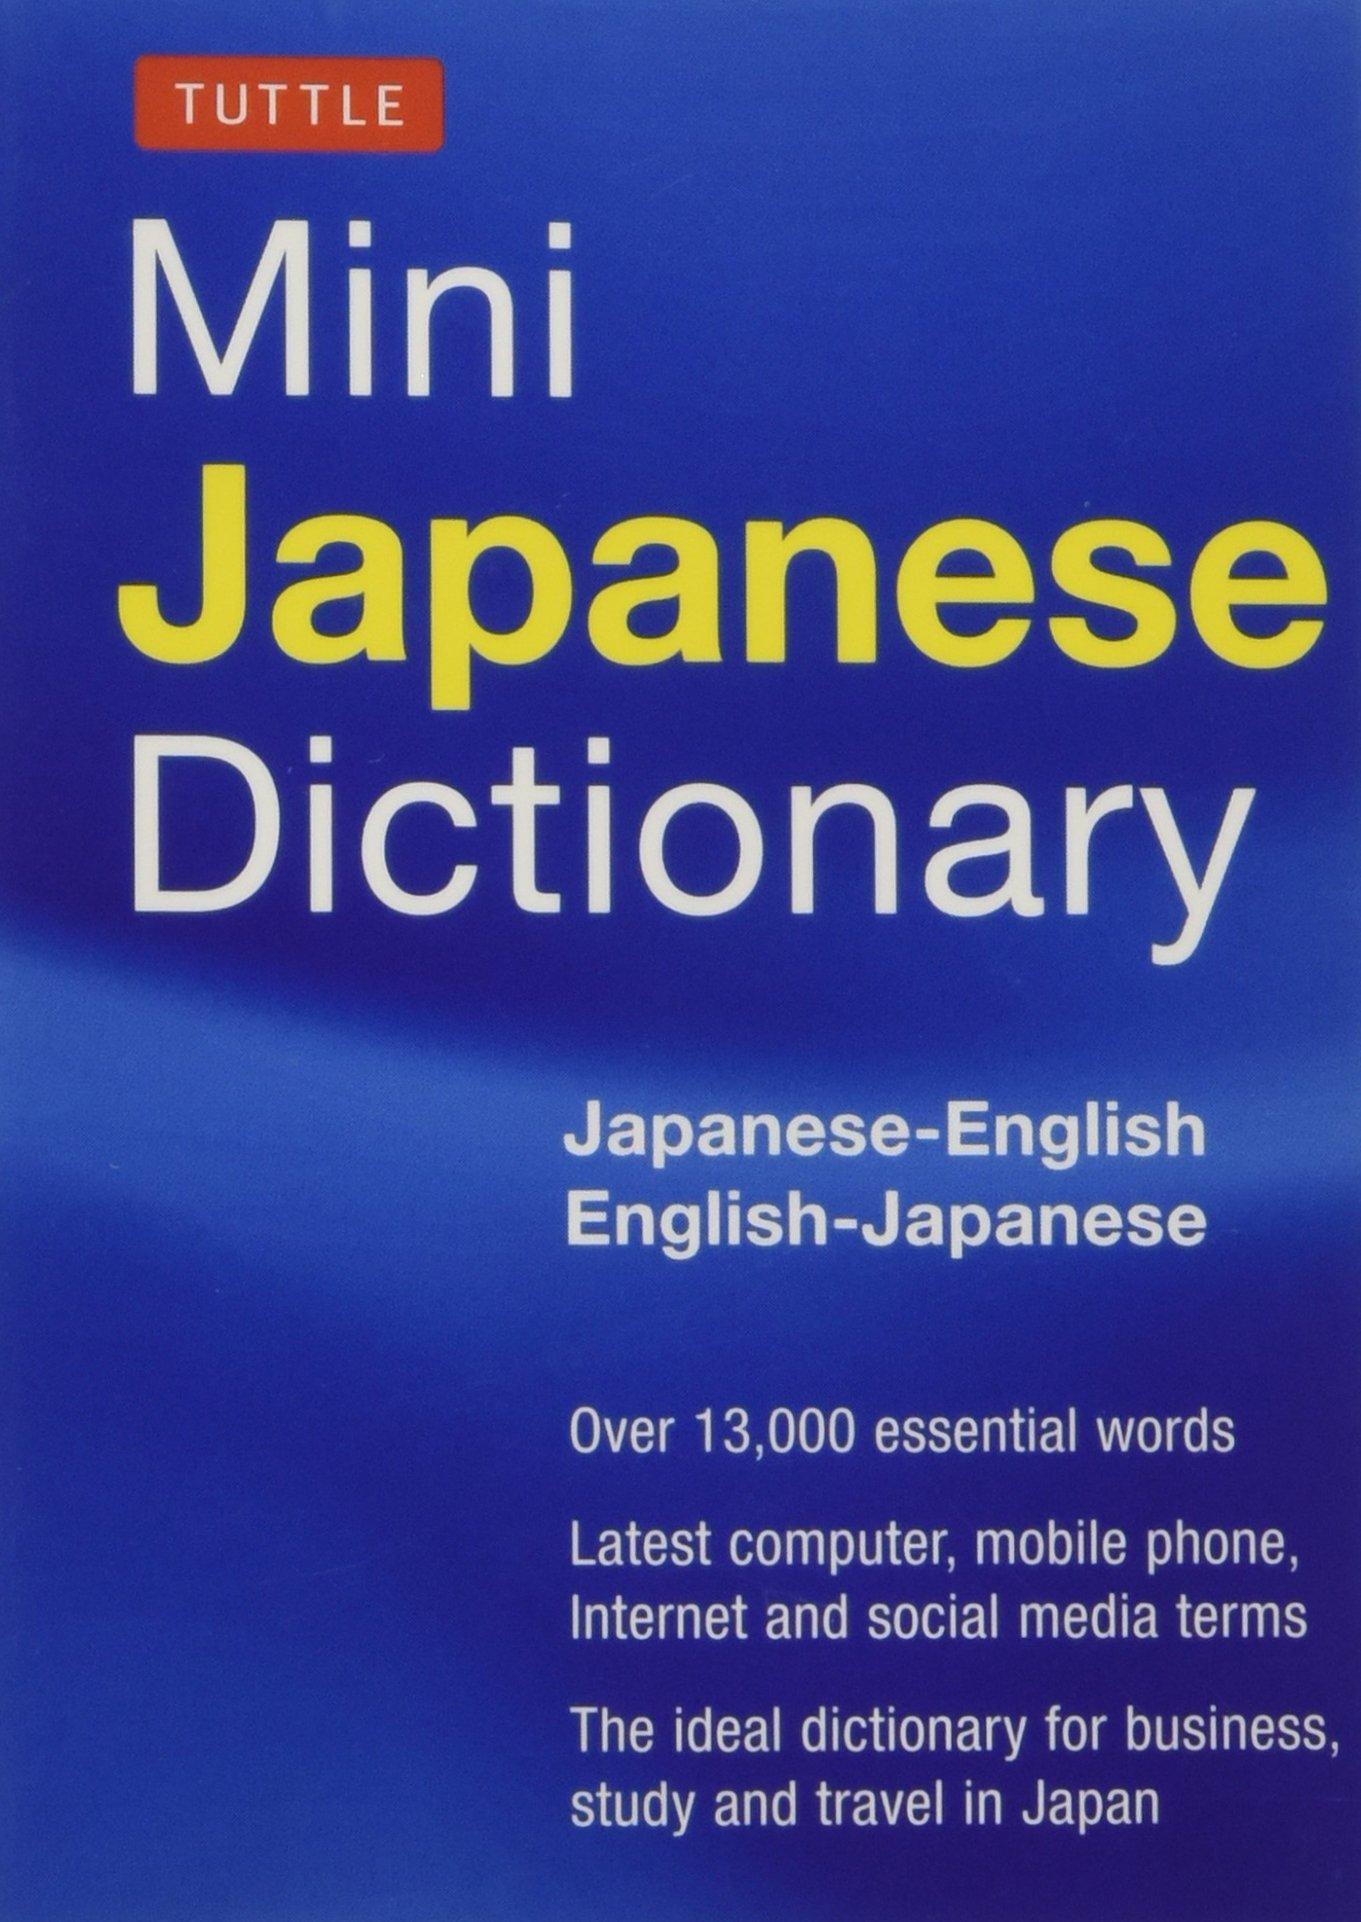 Tuttle Mini Japanese Dictionary Japanese English English Japanese